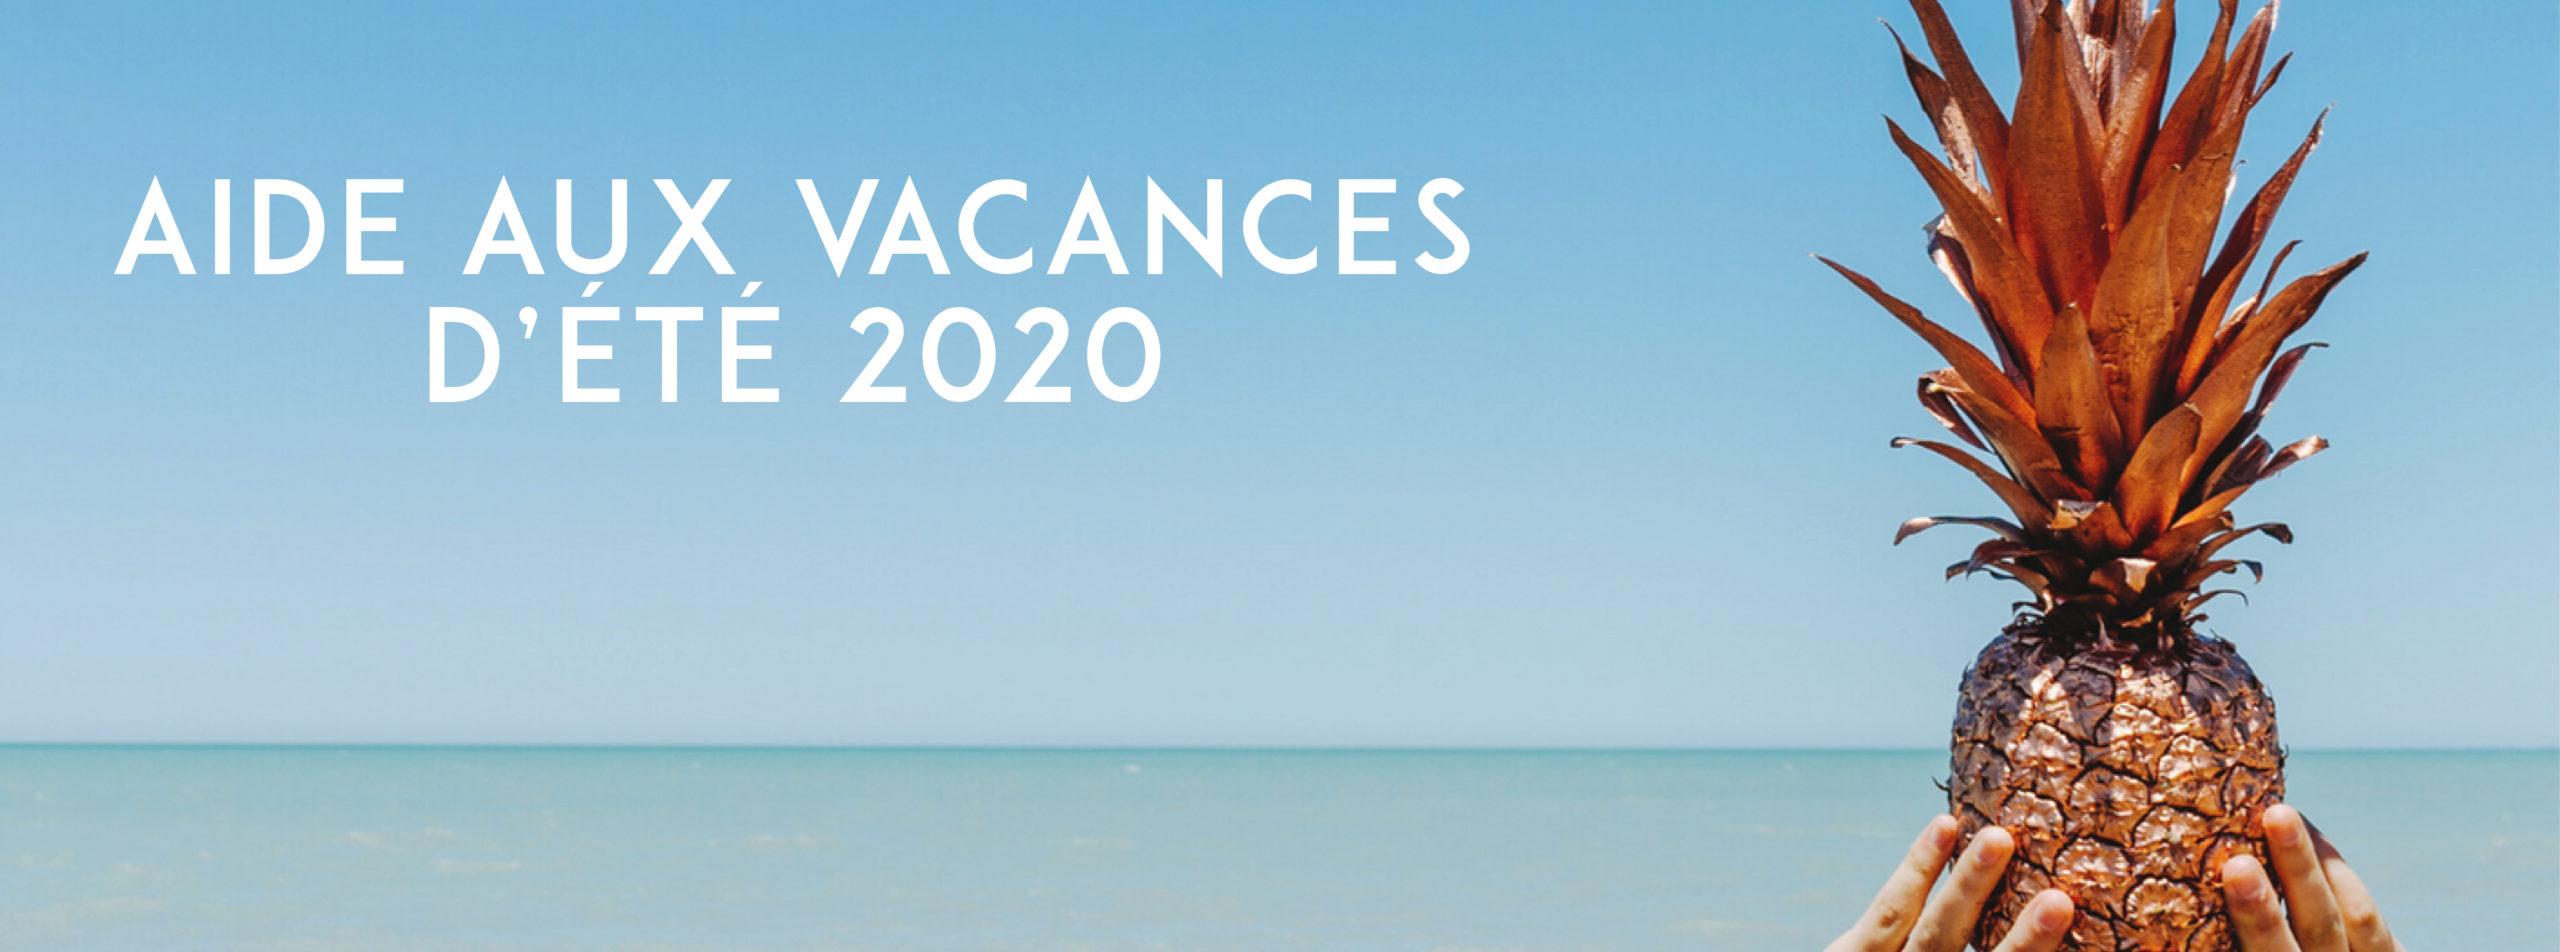 focus aide aux vacances d'été 2020